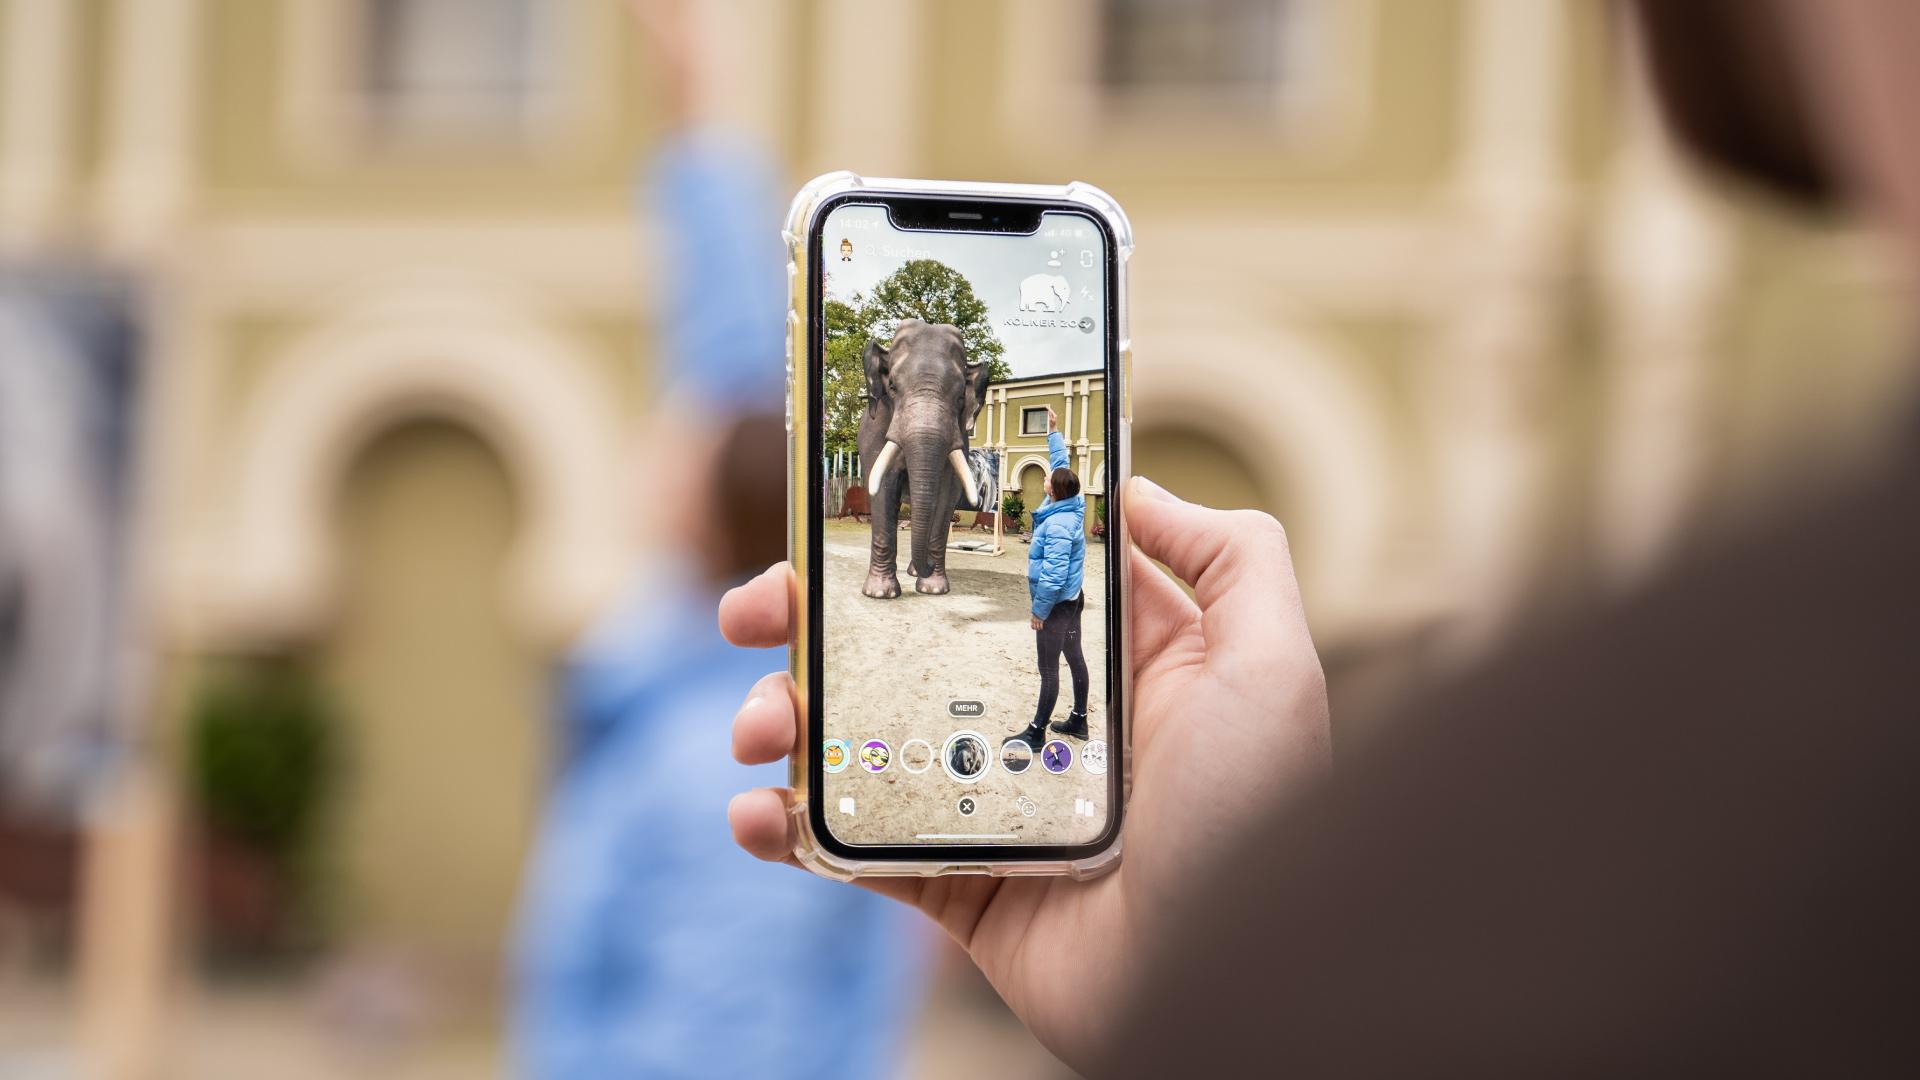 Koelner Zoo x Snapchat AR-Lense Elefant